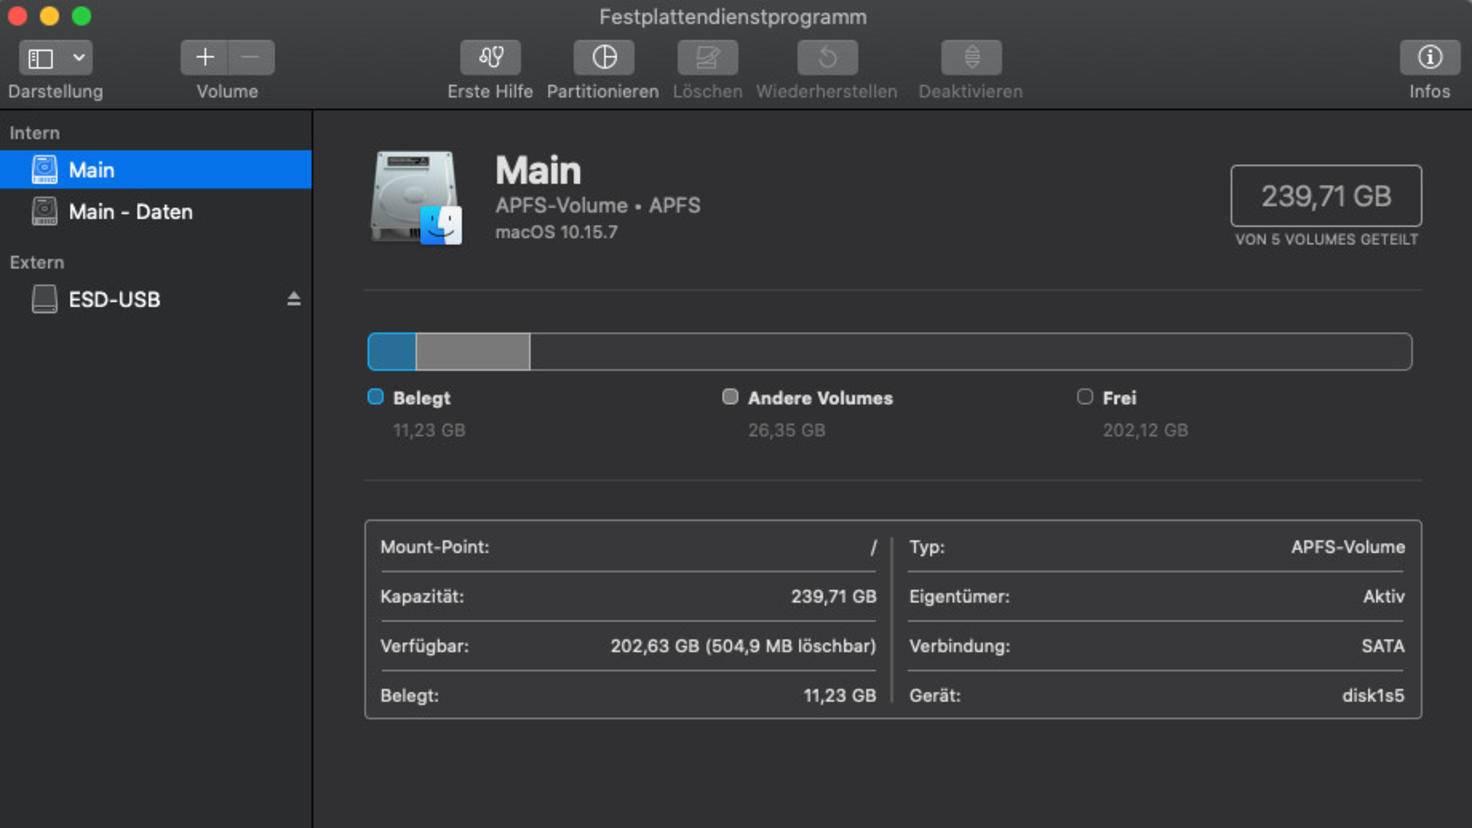 Mac-update-festplattendienstprogramm